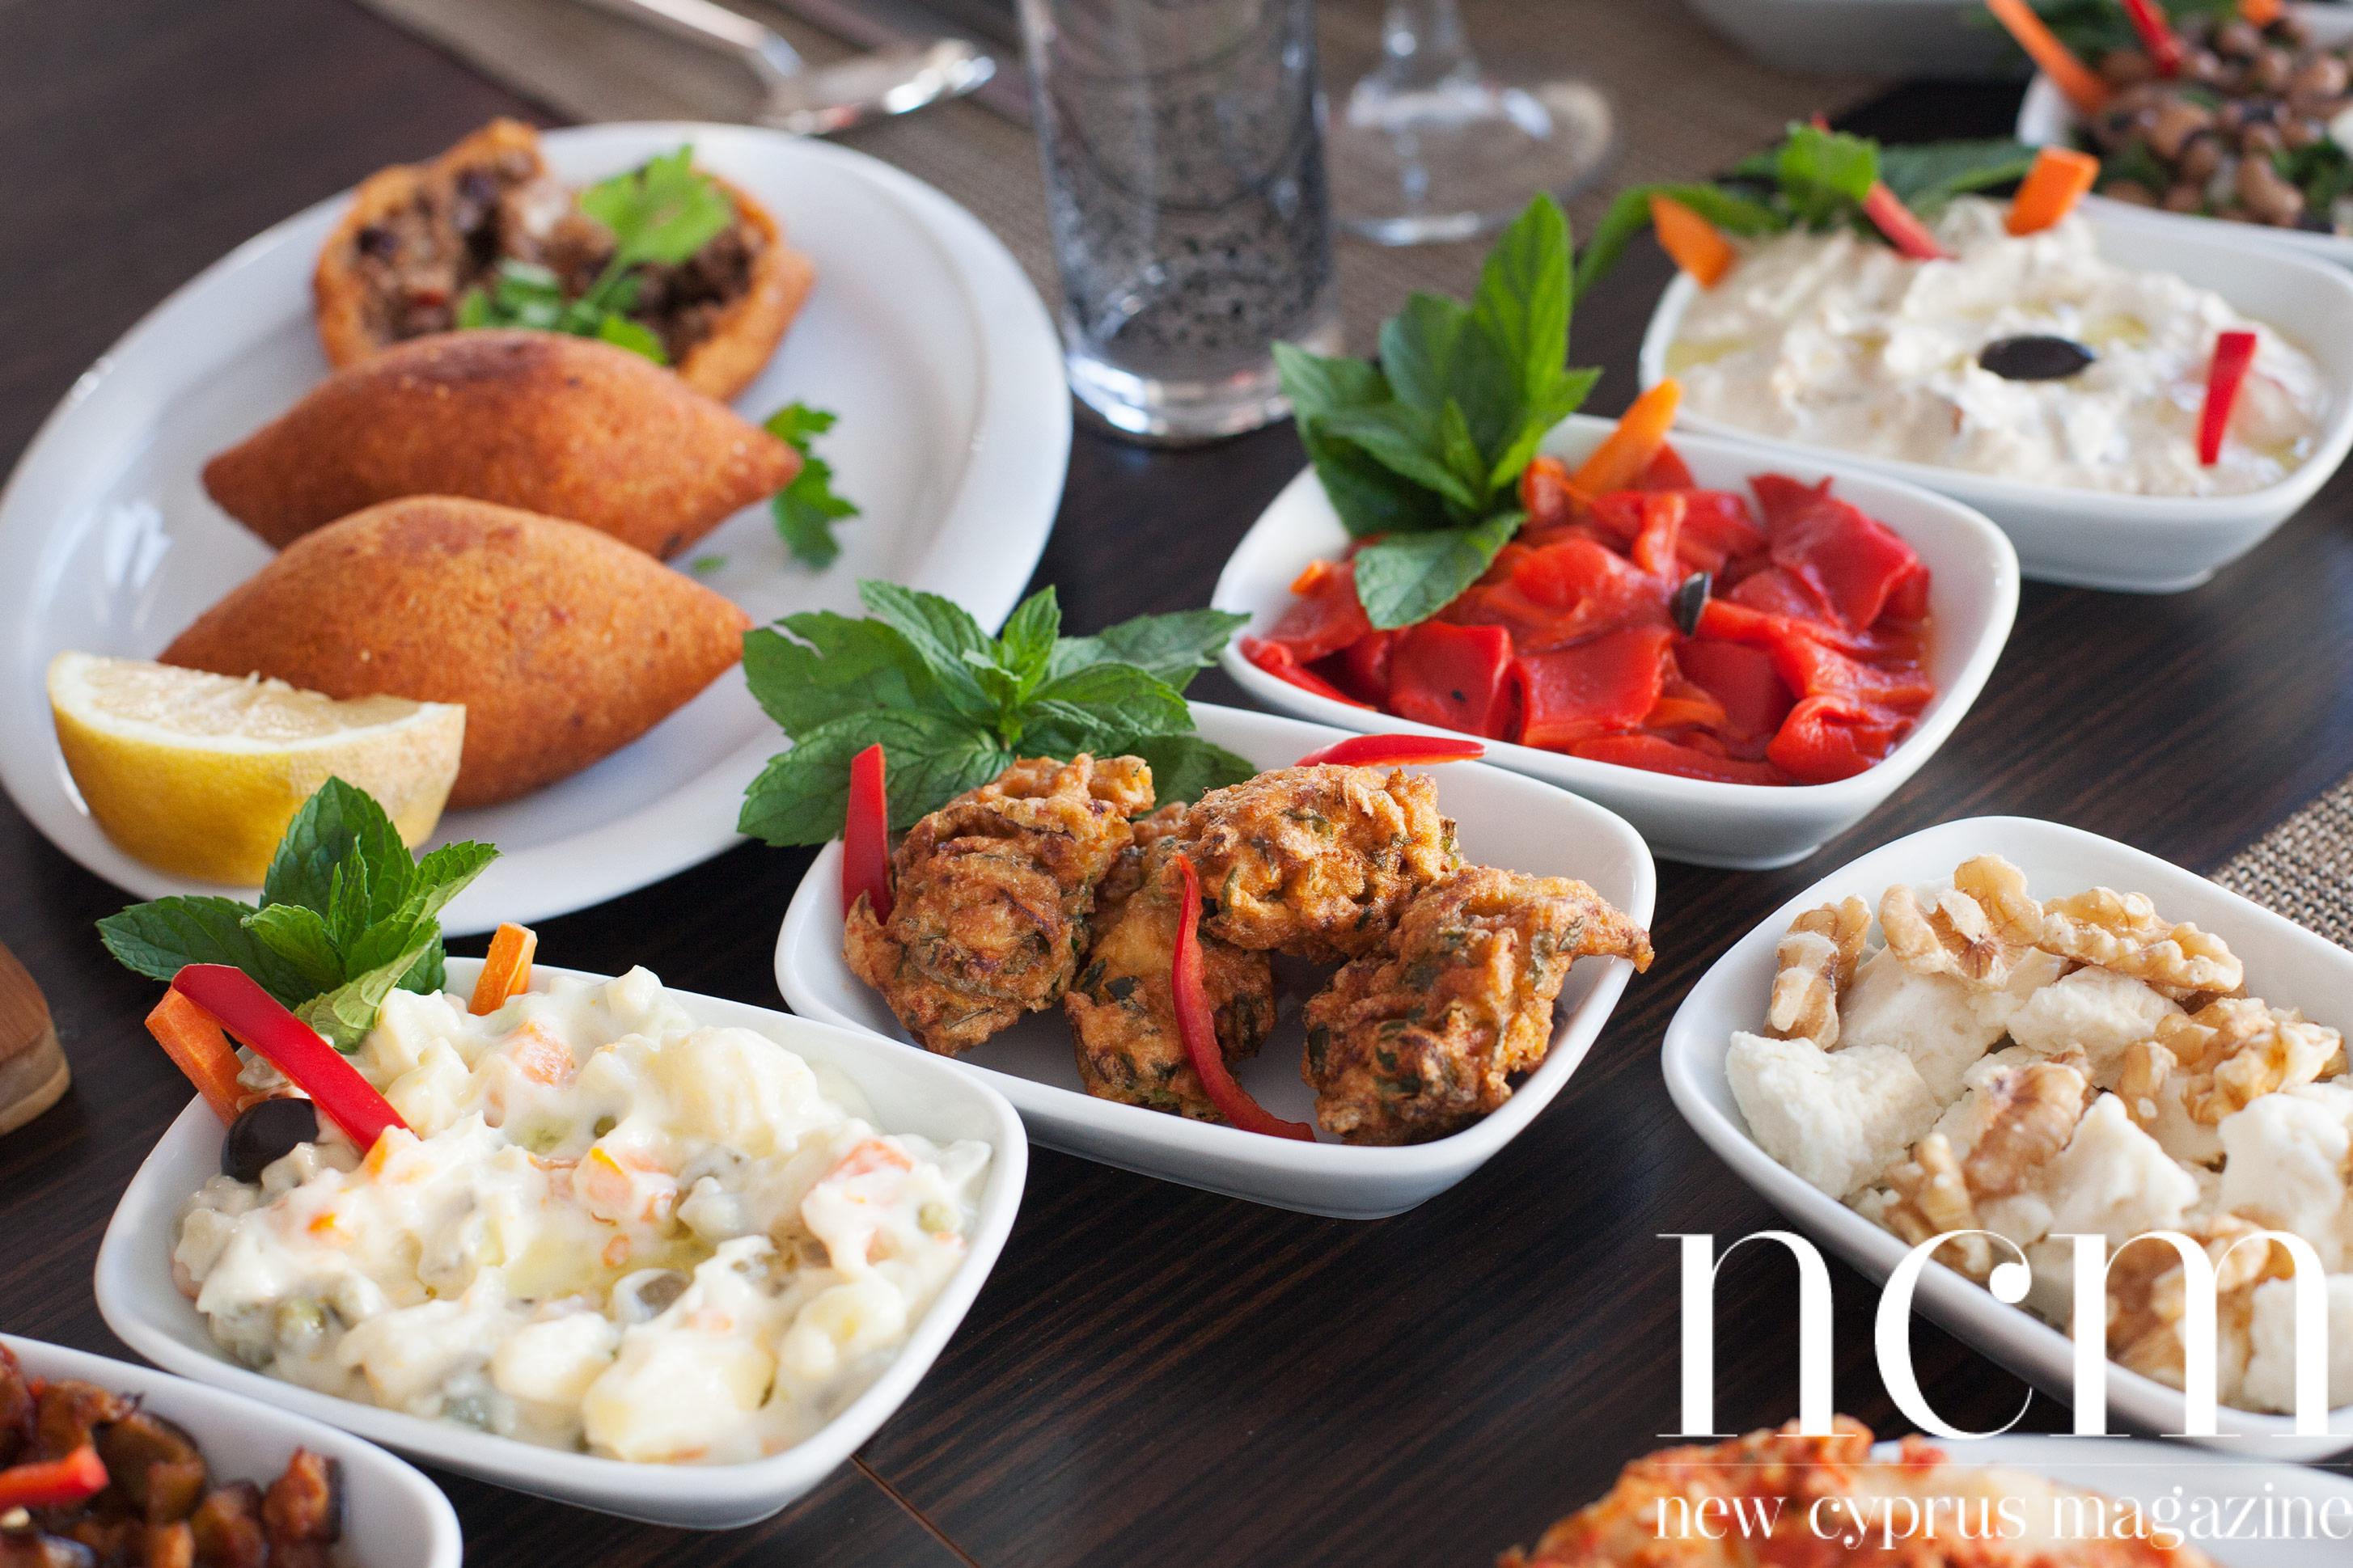 Nazende Meyhane Food Kyrenia